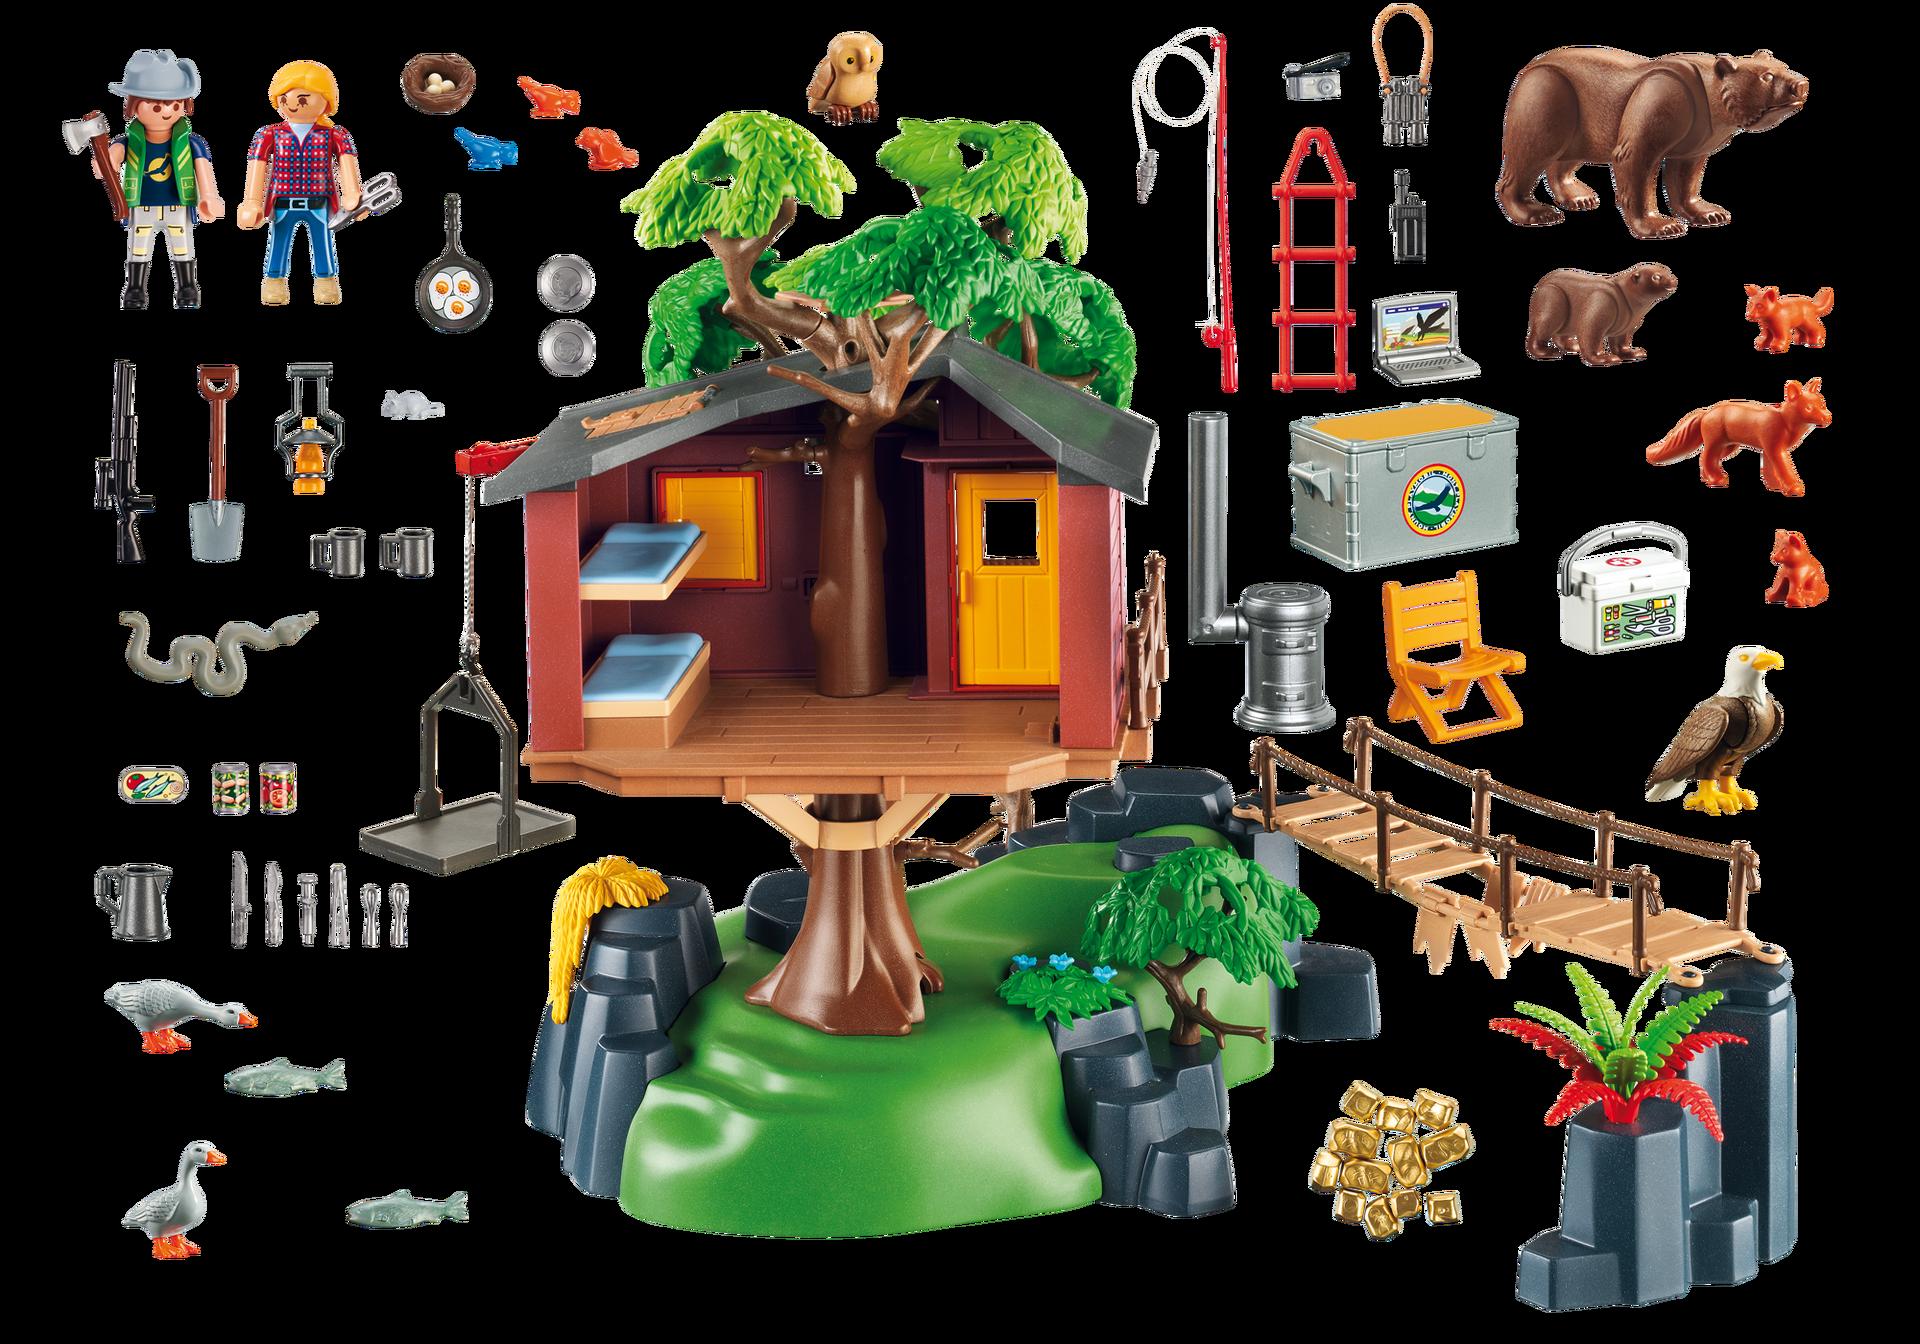 Casa del rbol de aventuras 5557 playmobil espa a - Casa del arbol de aventuras playmobil ...